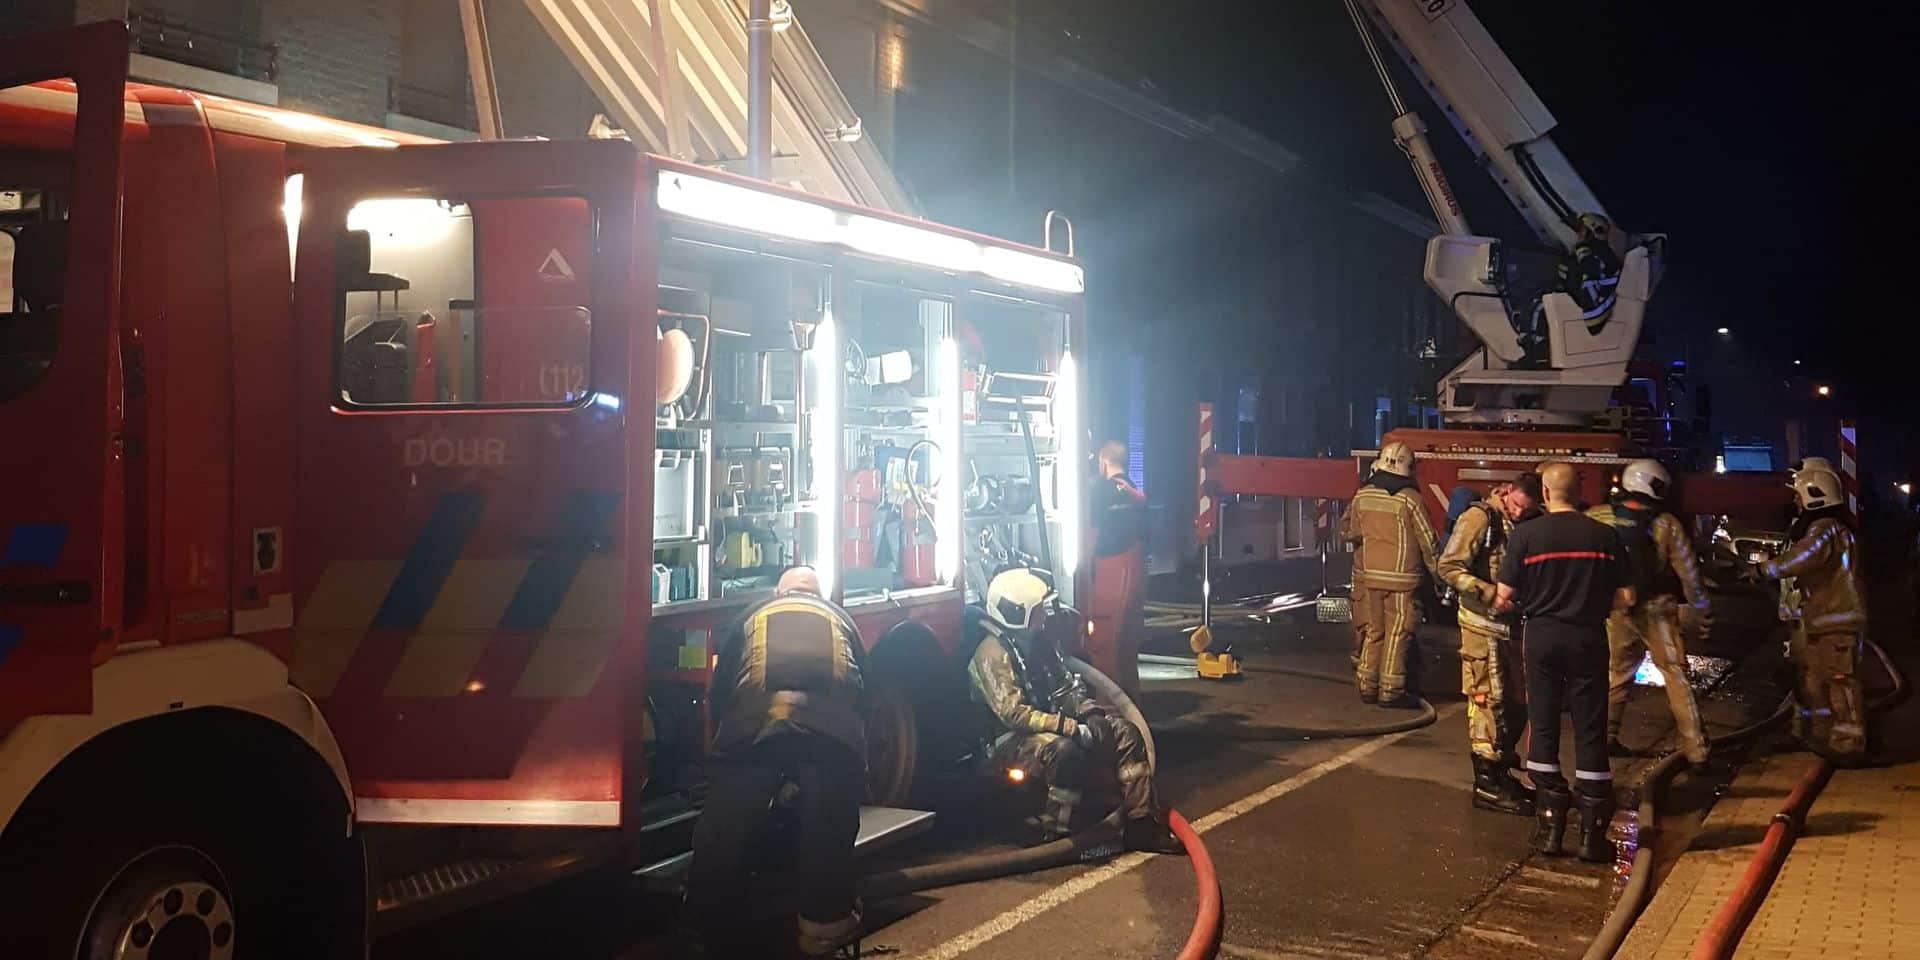 Une personne décède dans l'incendie de son habitation à Dour